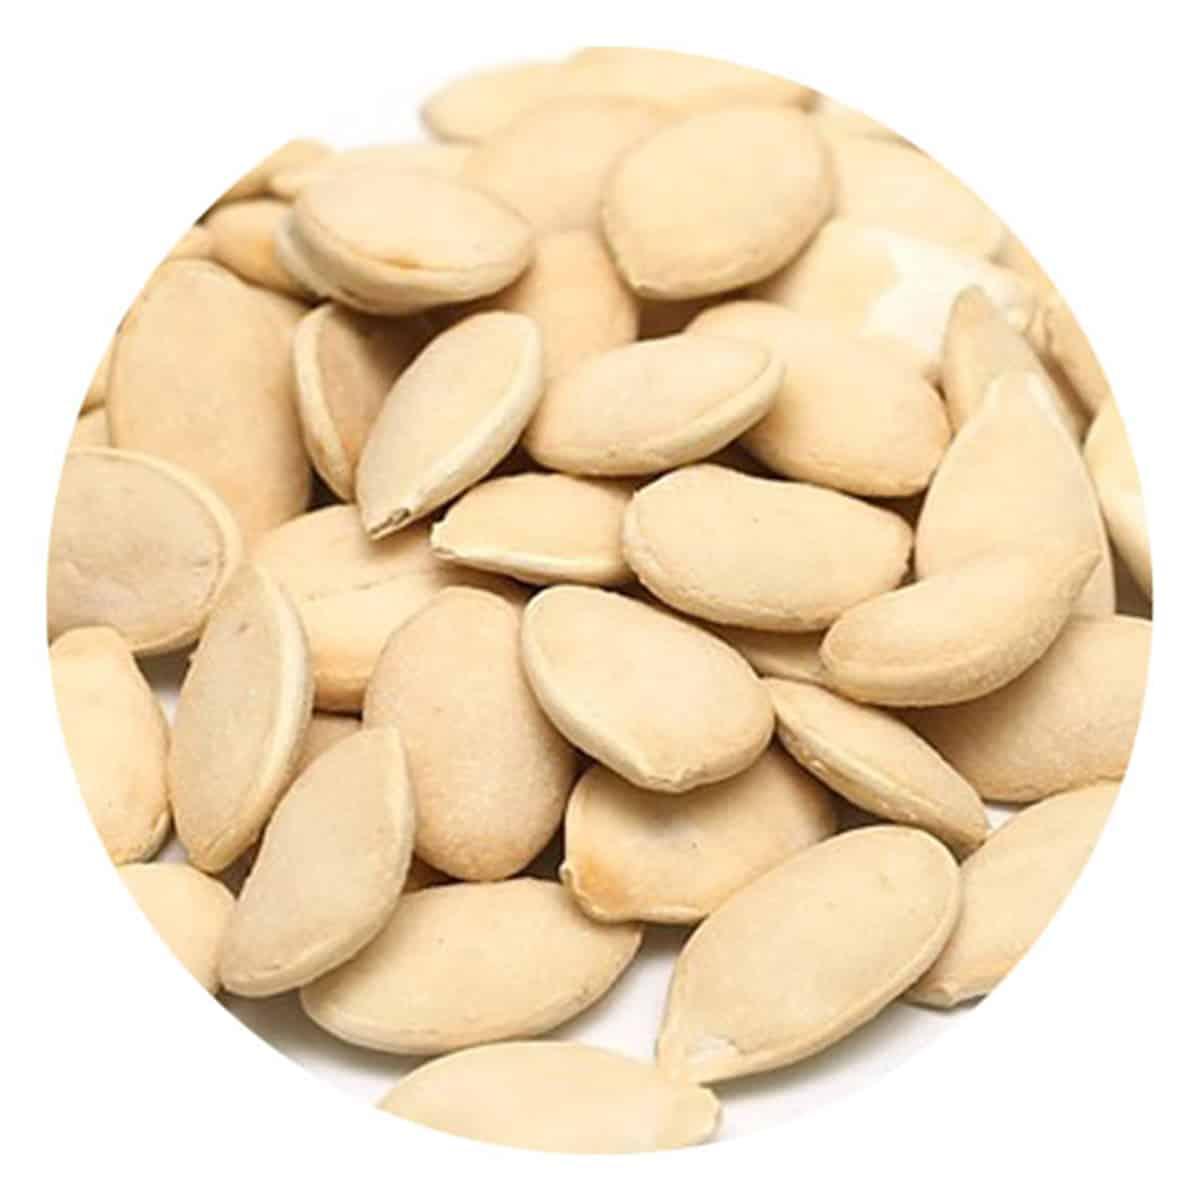 Buy IAG Foods Pumpkin Seeds (Pepitas) - 1 kg